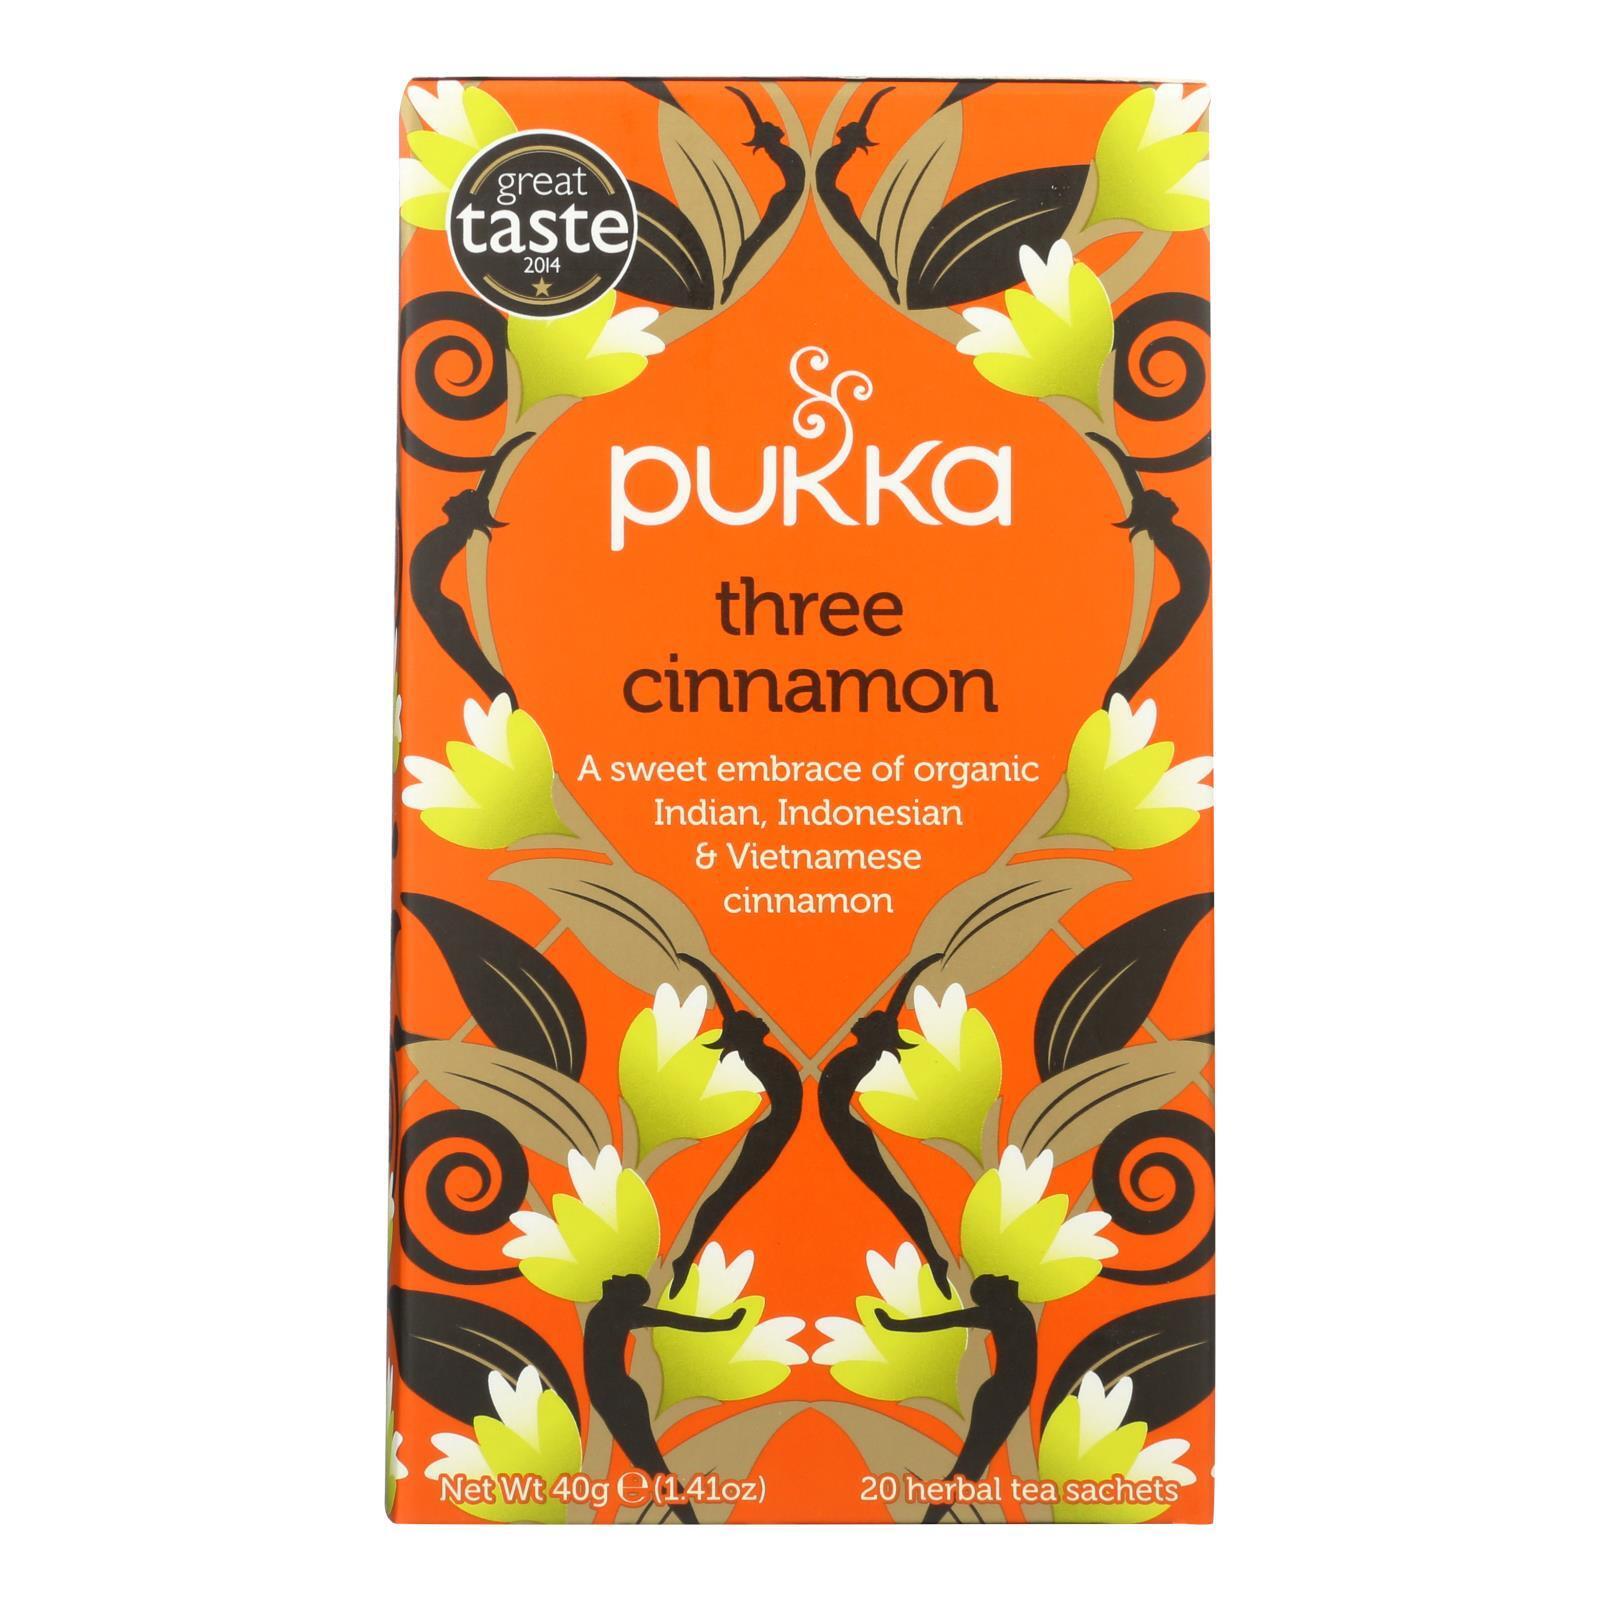 Pukka Herbal Teas Tea - Organic - Three Cinnamon - 20 Bags - Case of 6